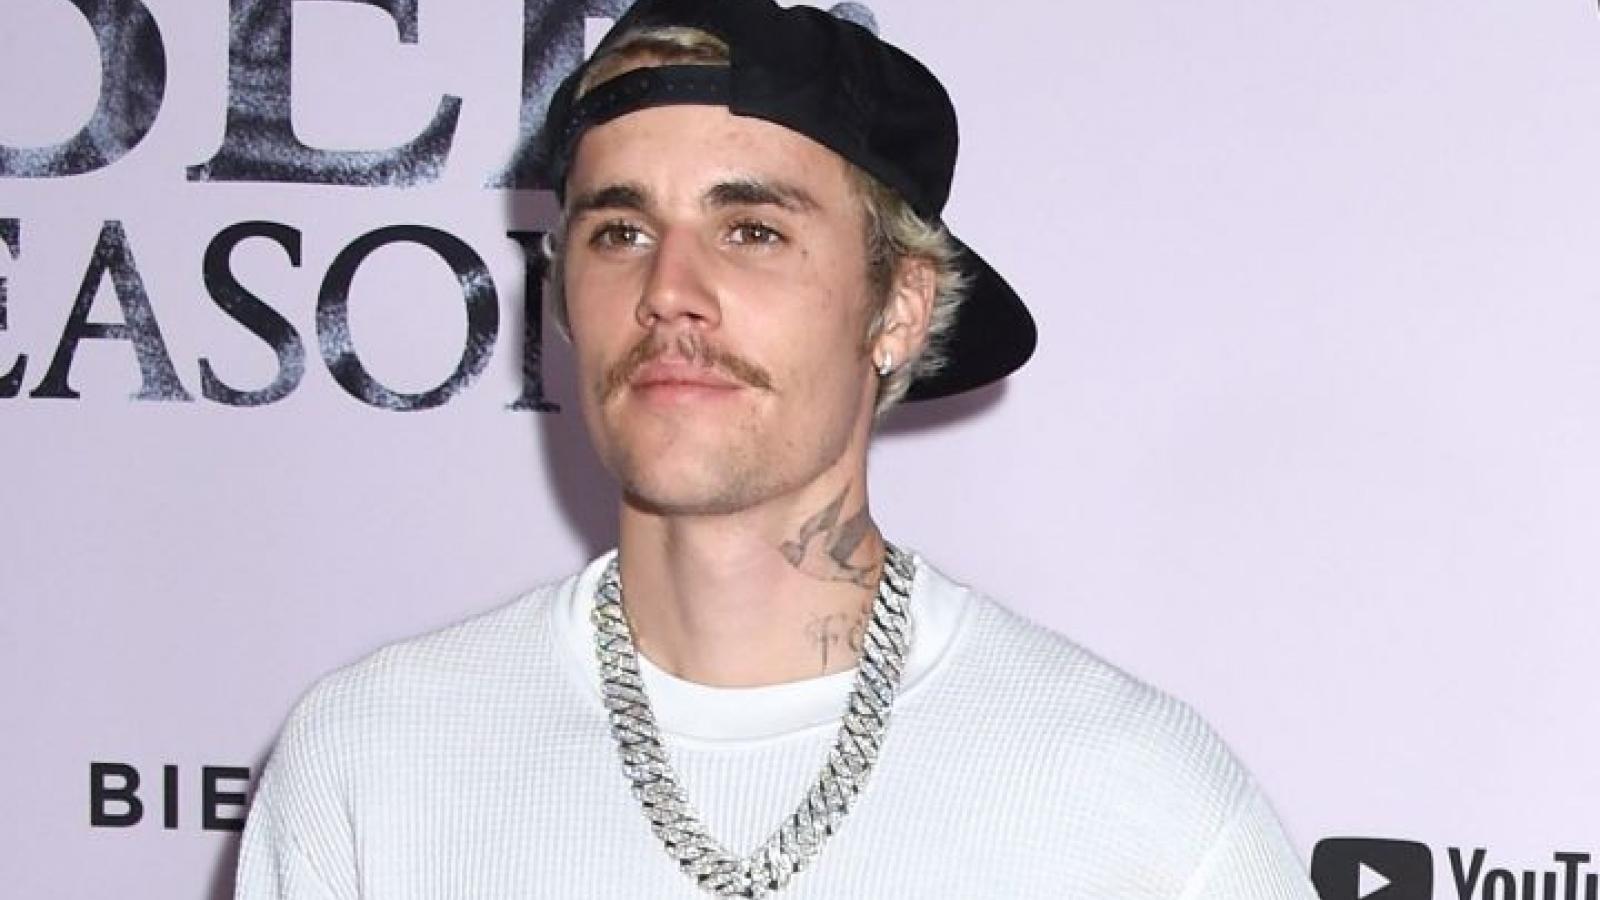 Justin Bieber tung ra nhiều chứng cứ bác bỏ cáo buộc tấn công tình dục